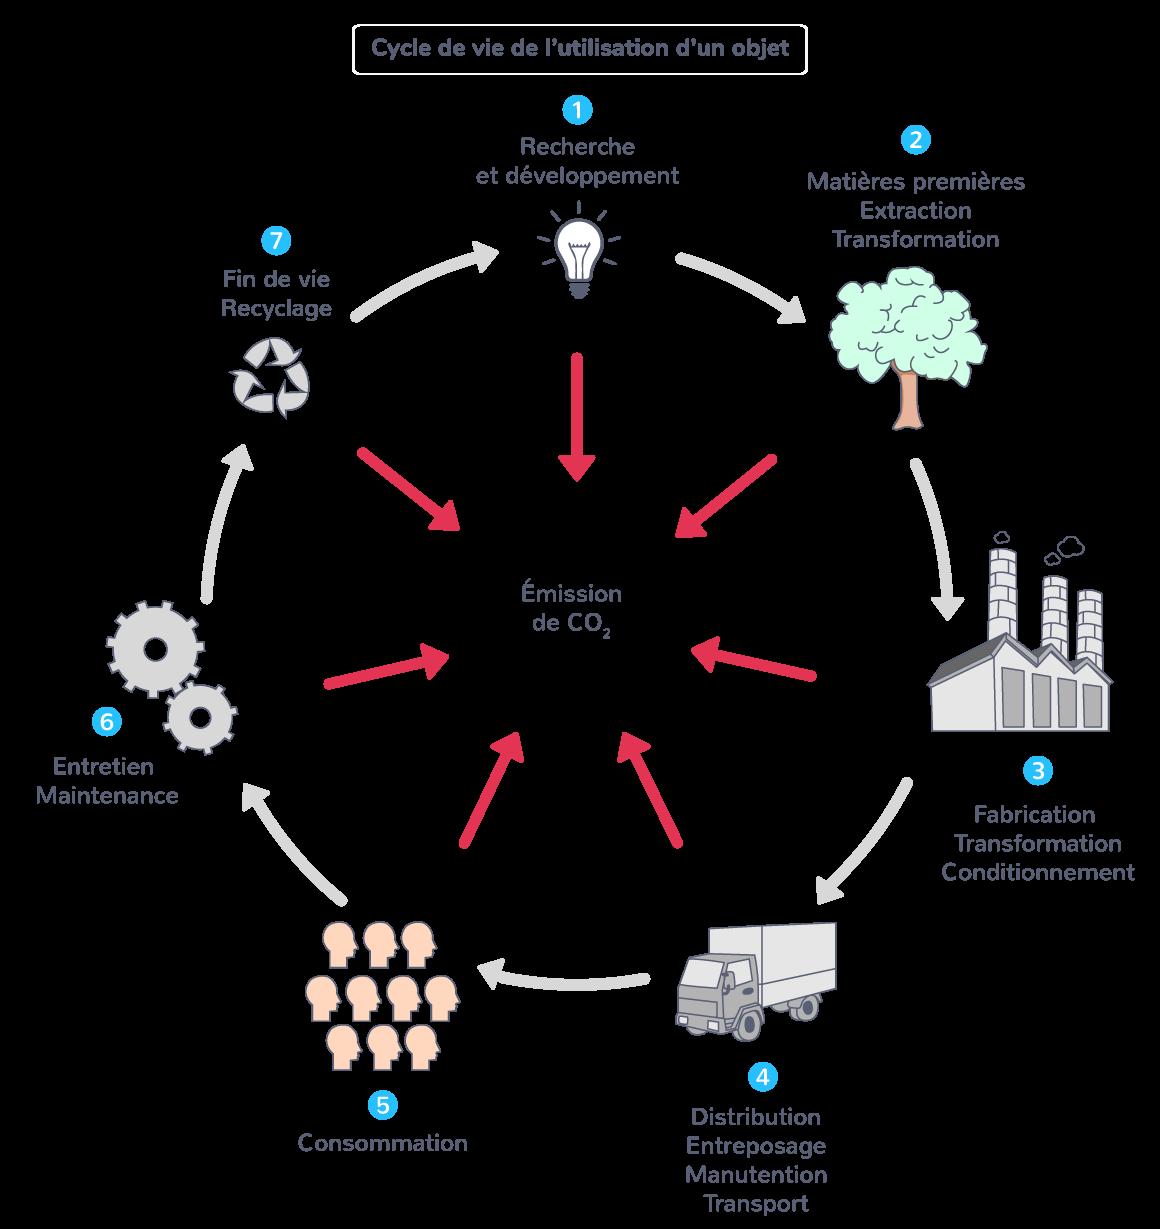 Cycle de vie de l'utilisation d'un objet